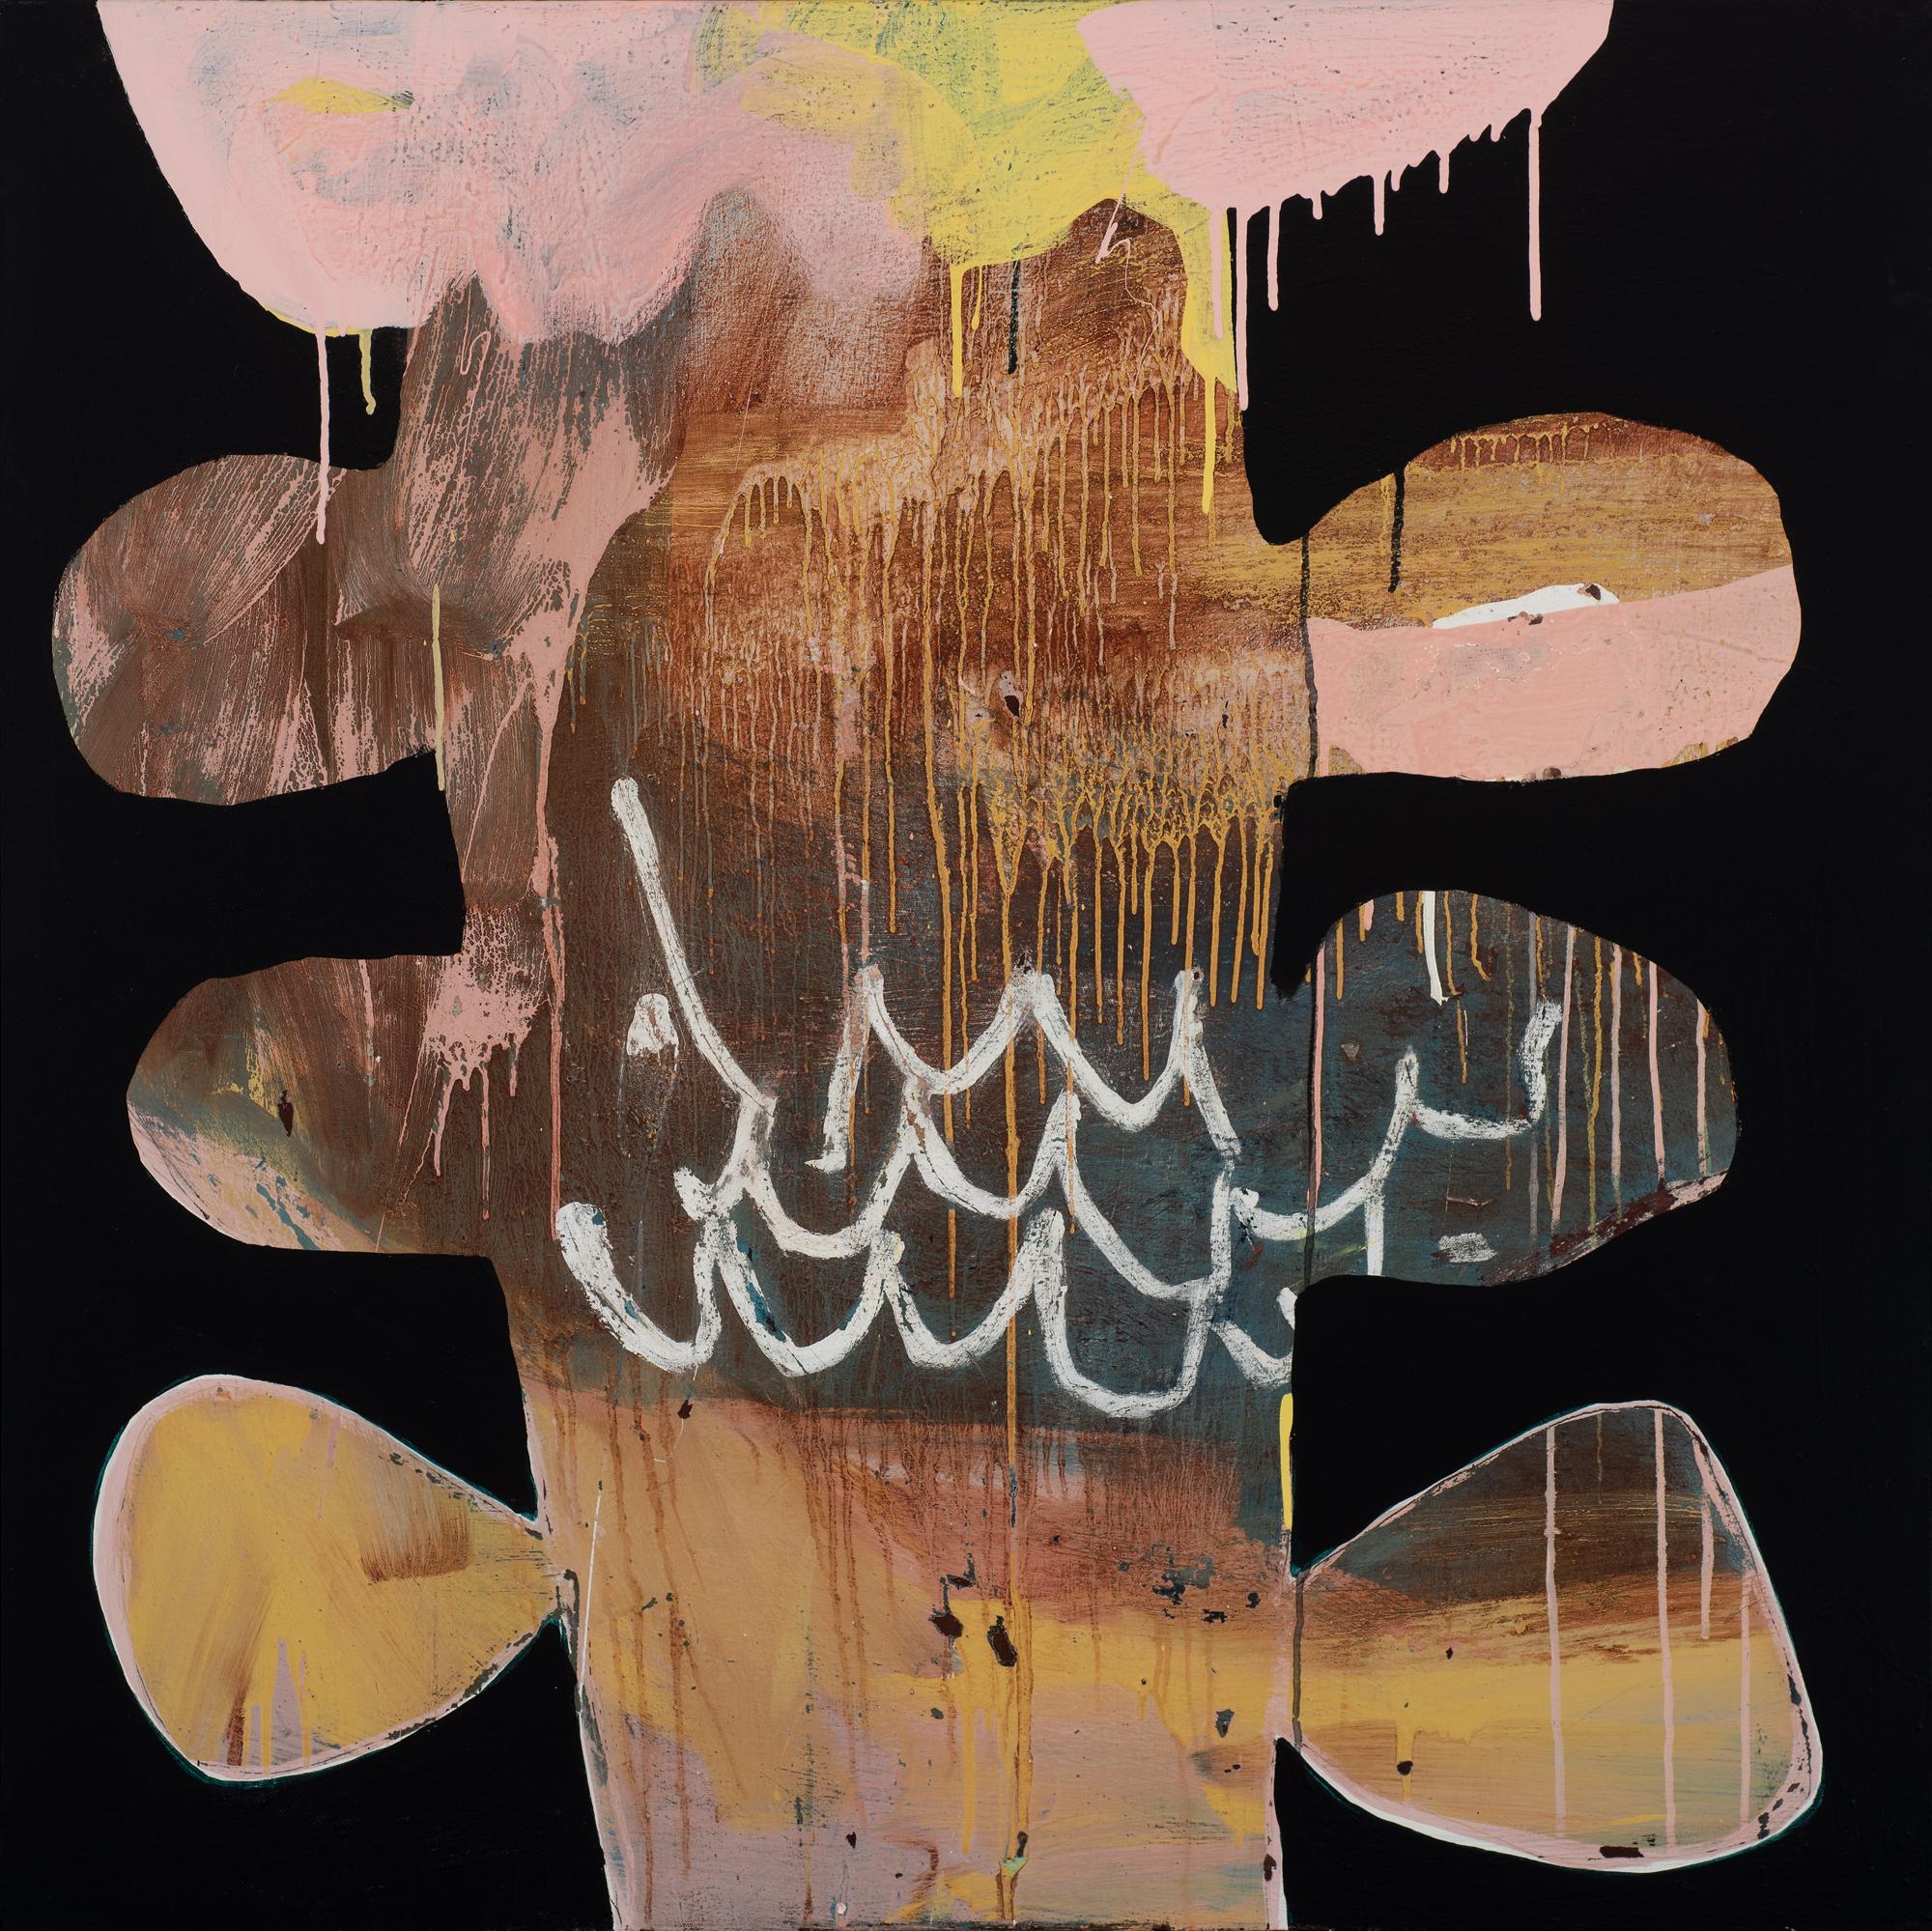 #62 By Ngaio Lenz